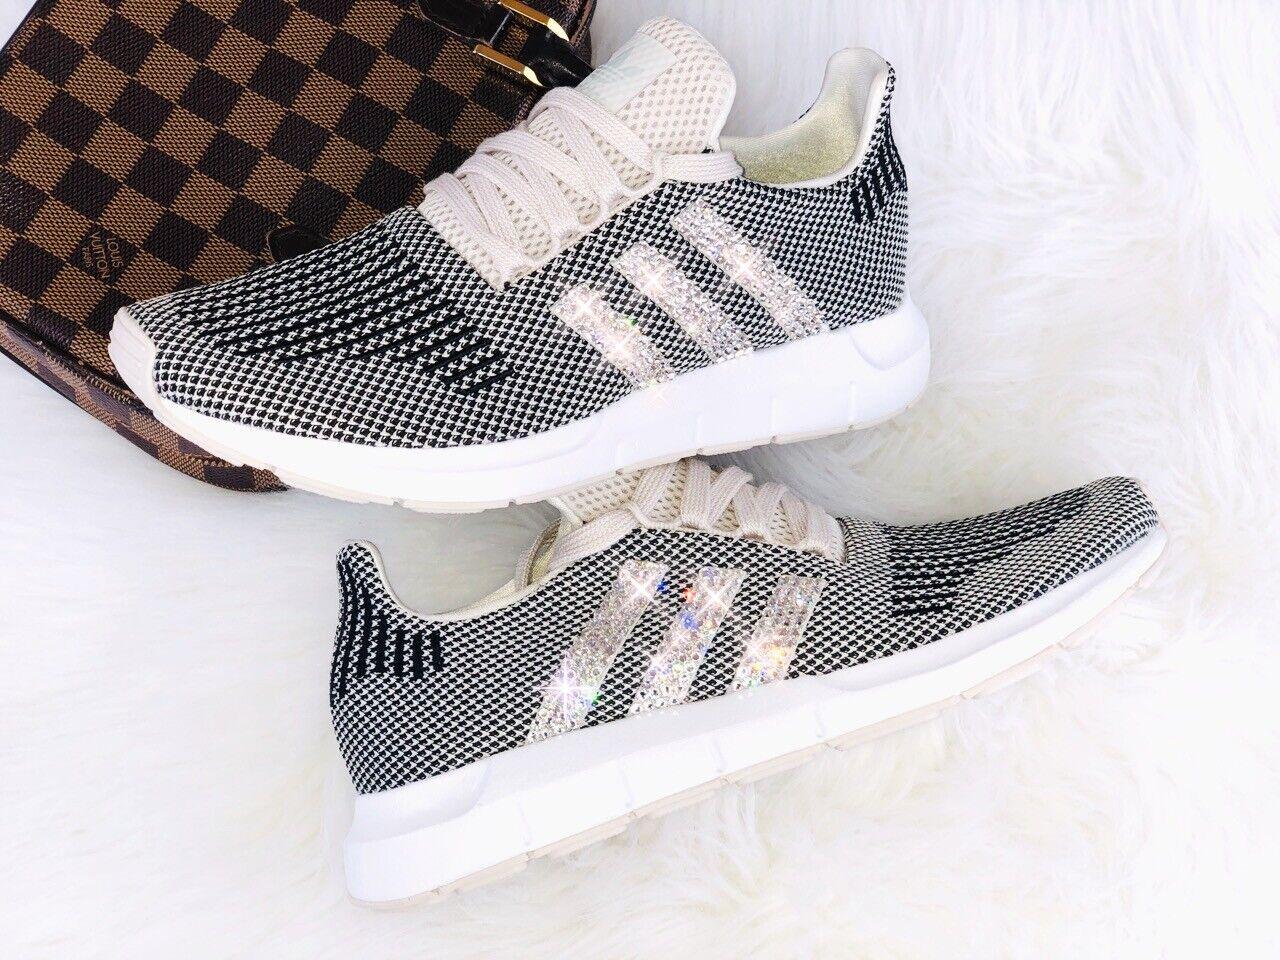 Crystal Adidas Swift Run scarpe da ginnastica lusso con con con SWAROVSKI ELEMENTS Crema Beige 5792b6